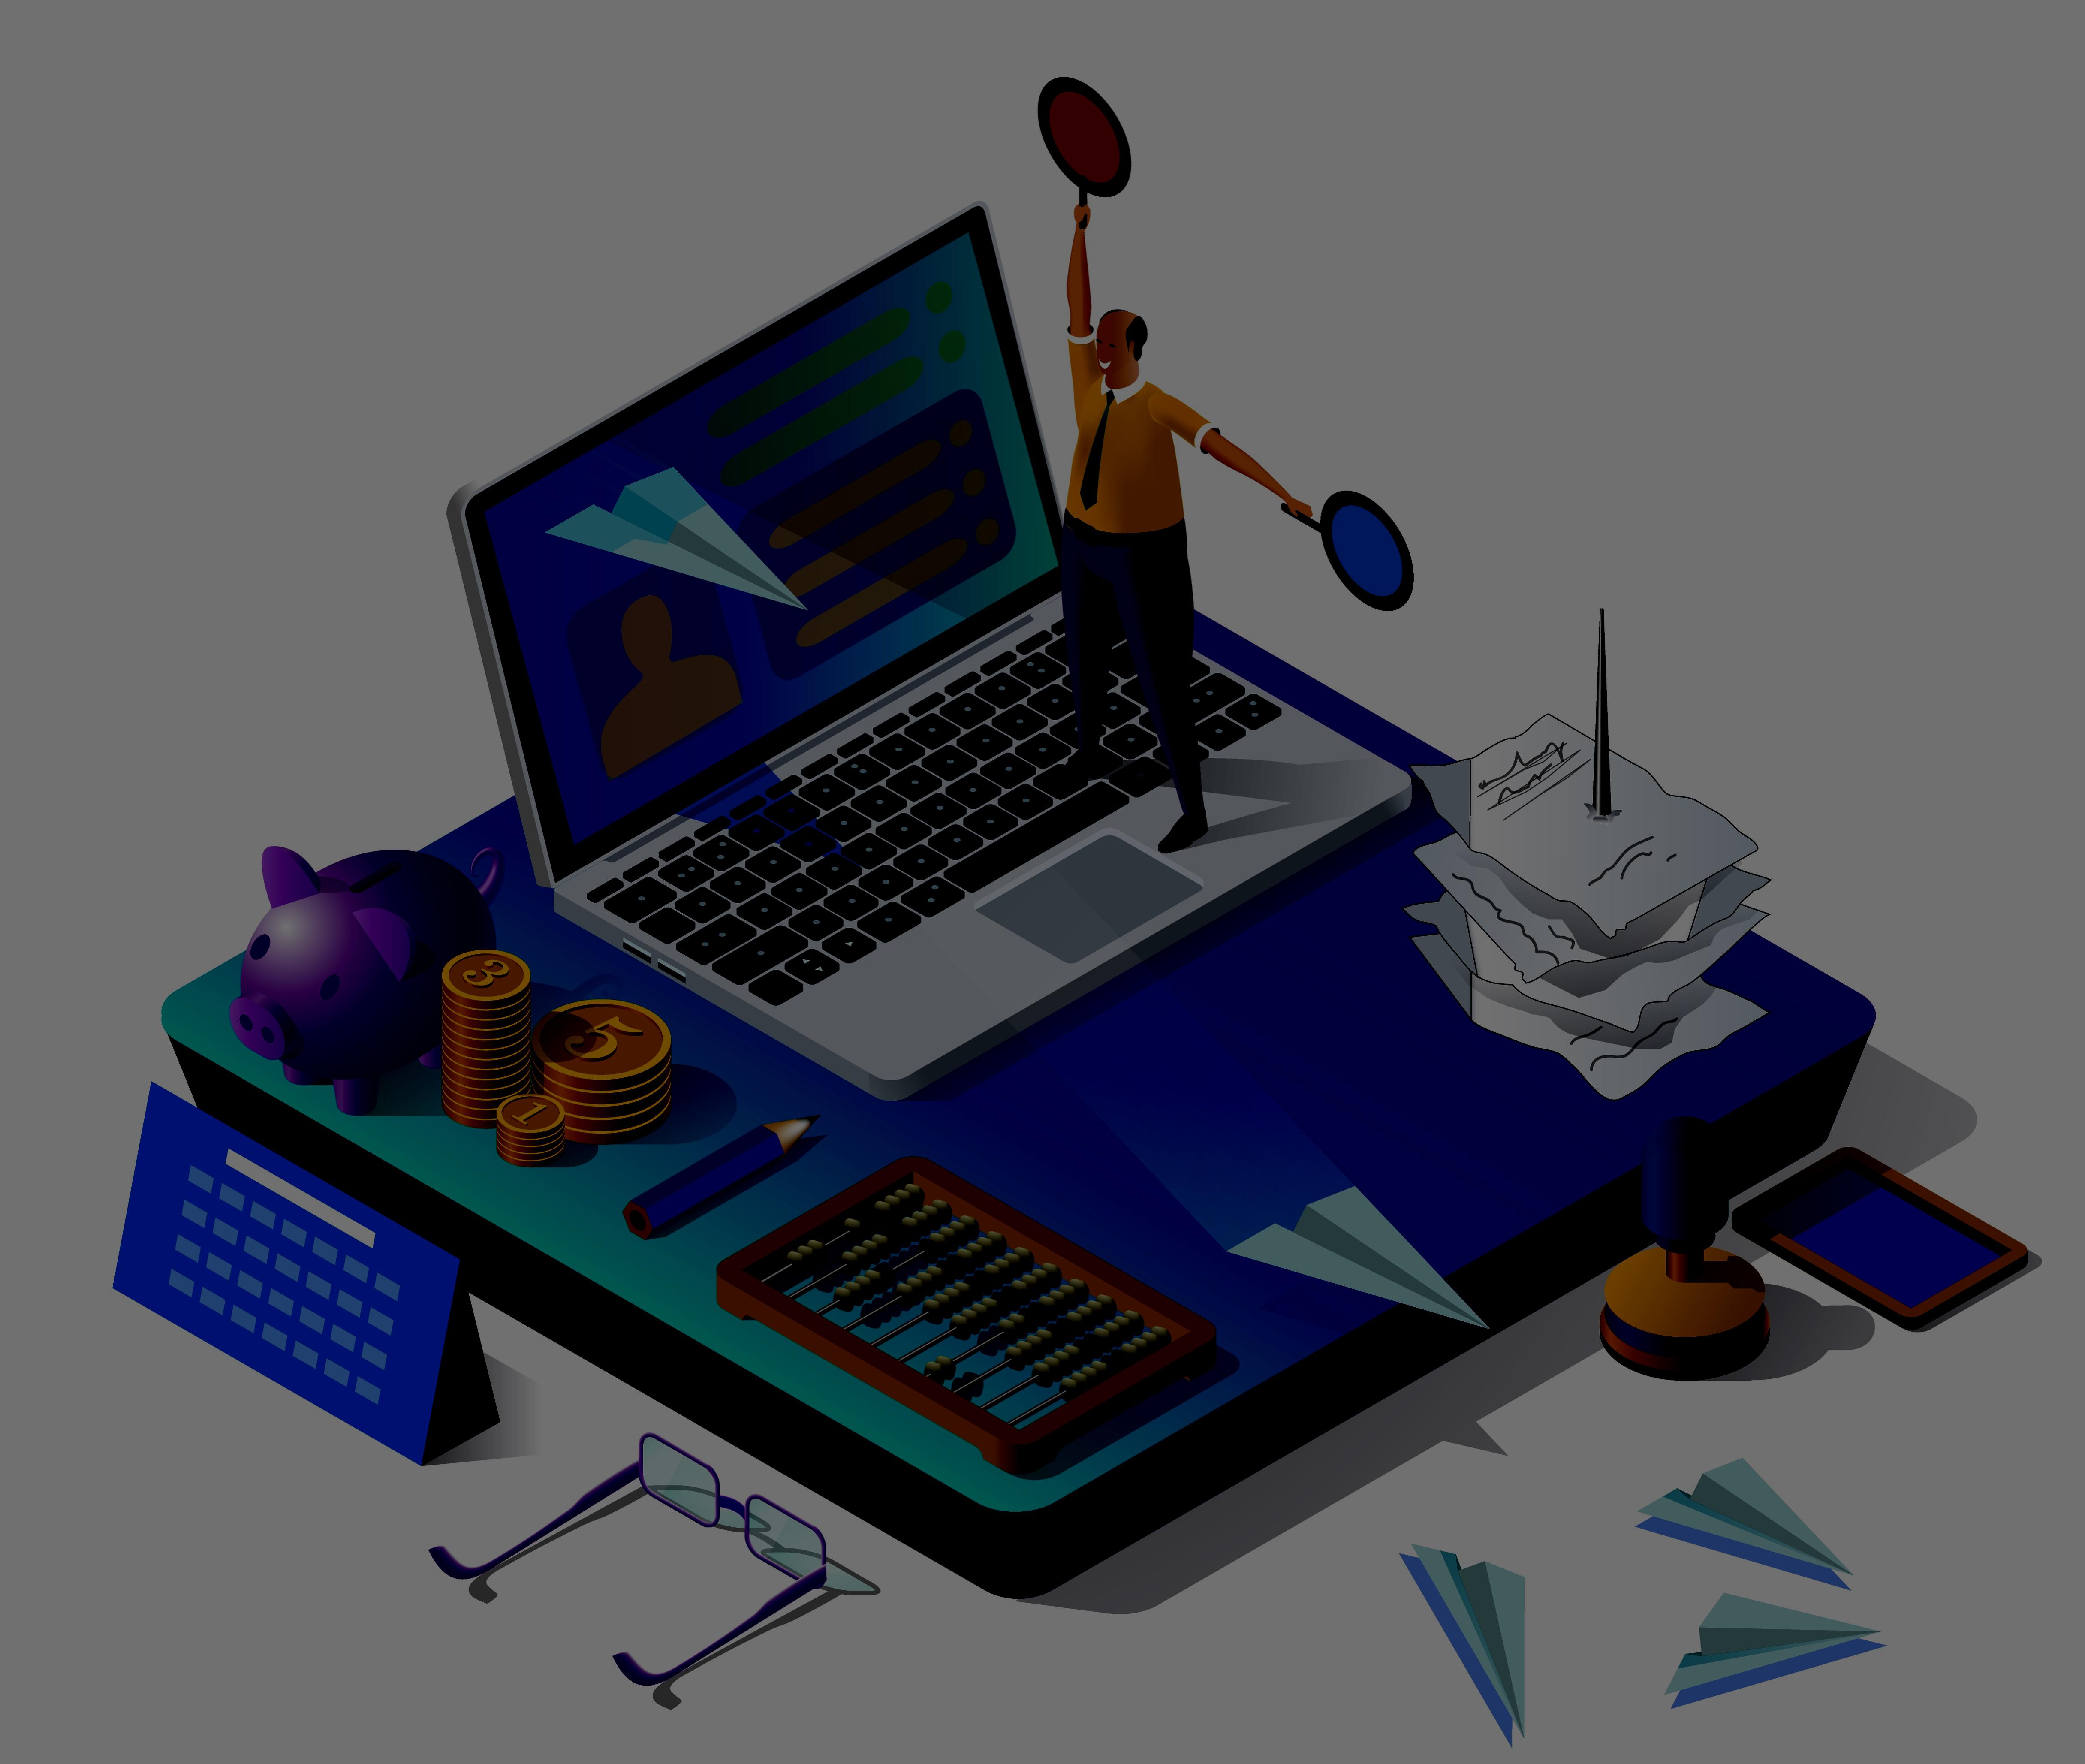 Délivrabilité… Nos conseils avisés pour soigner votre e-réputation !